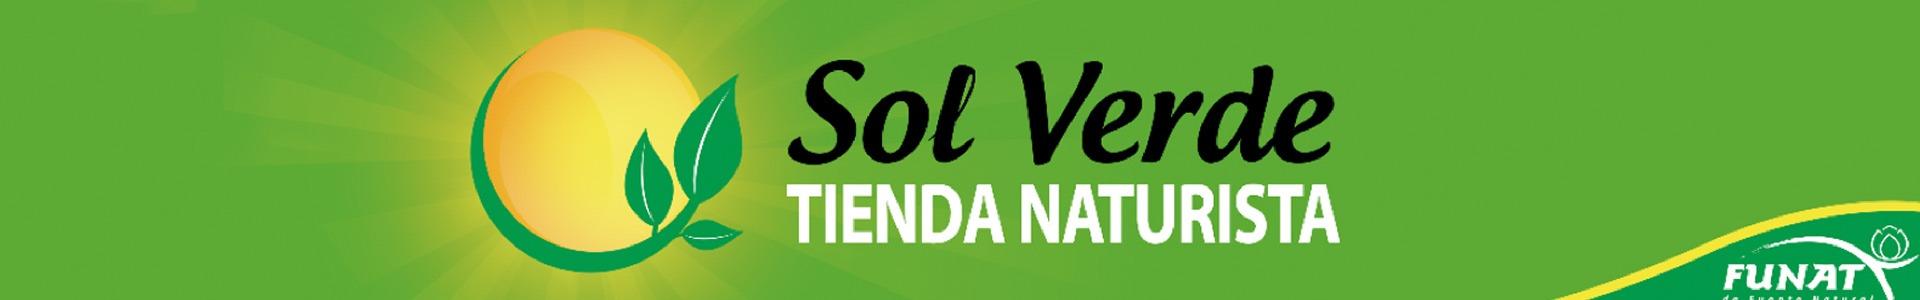 sol-verde1